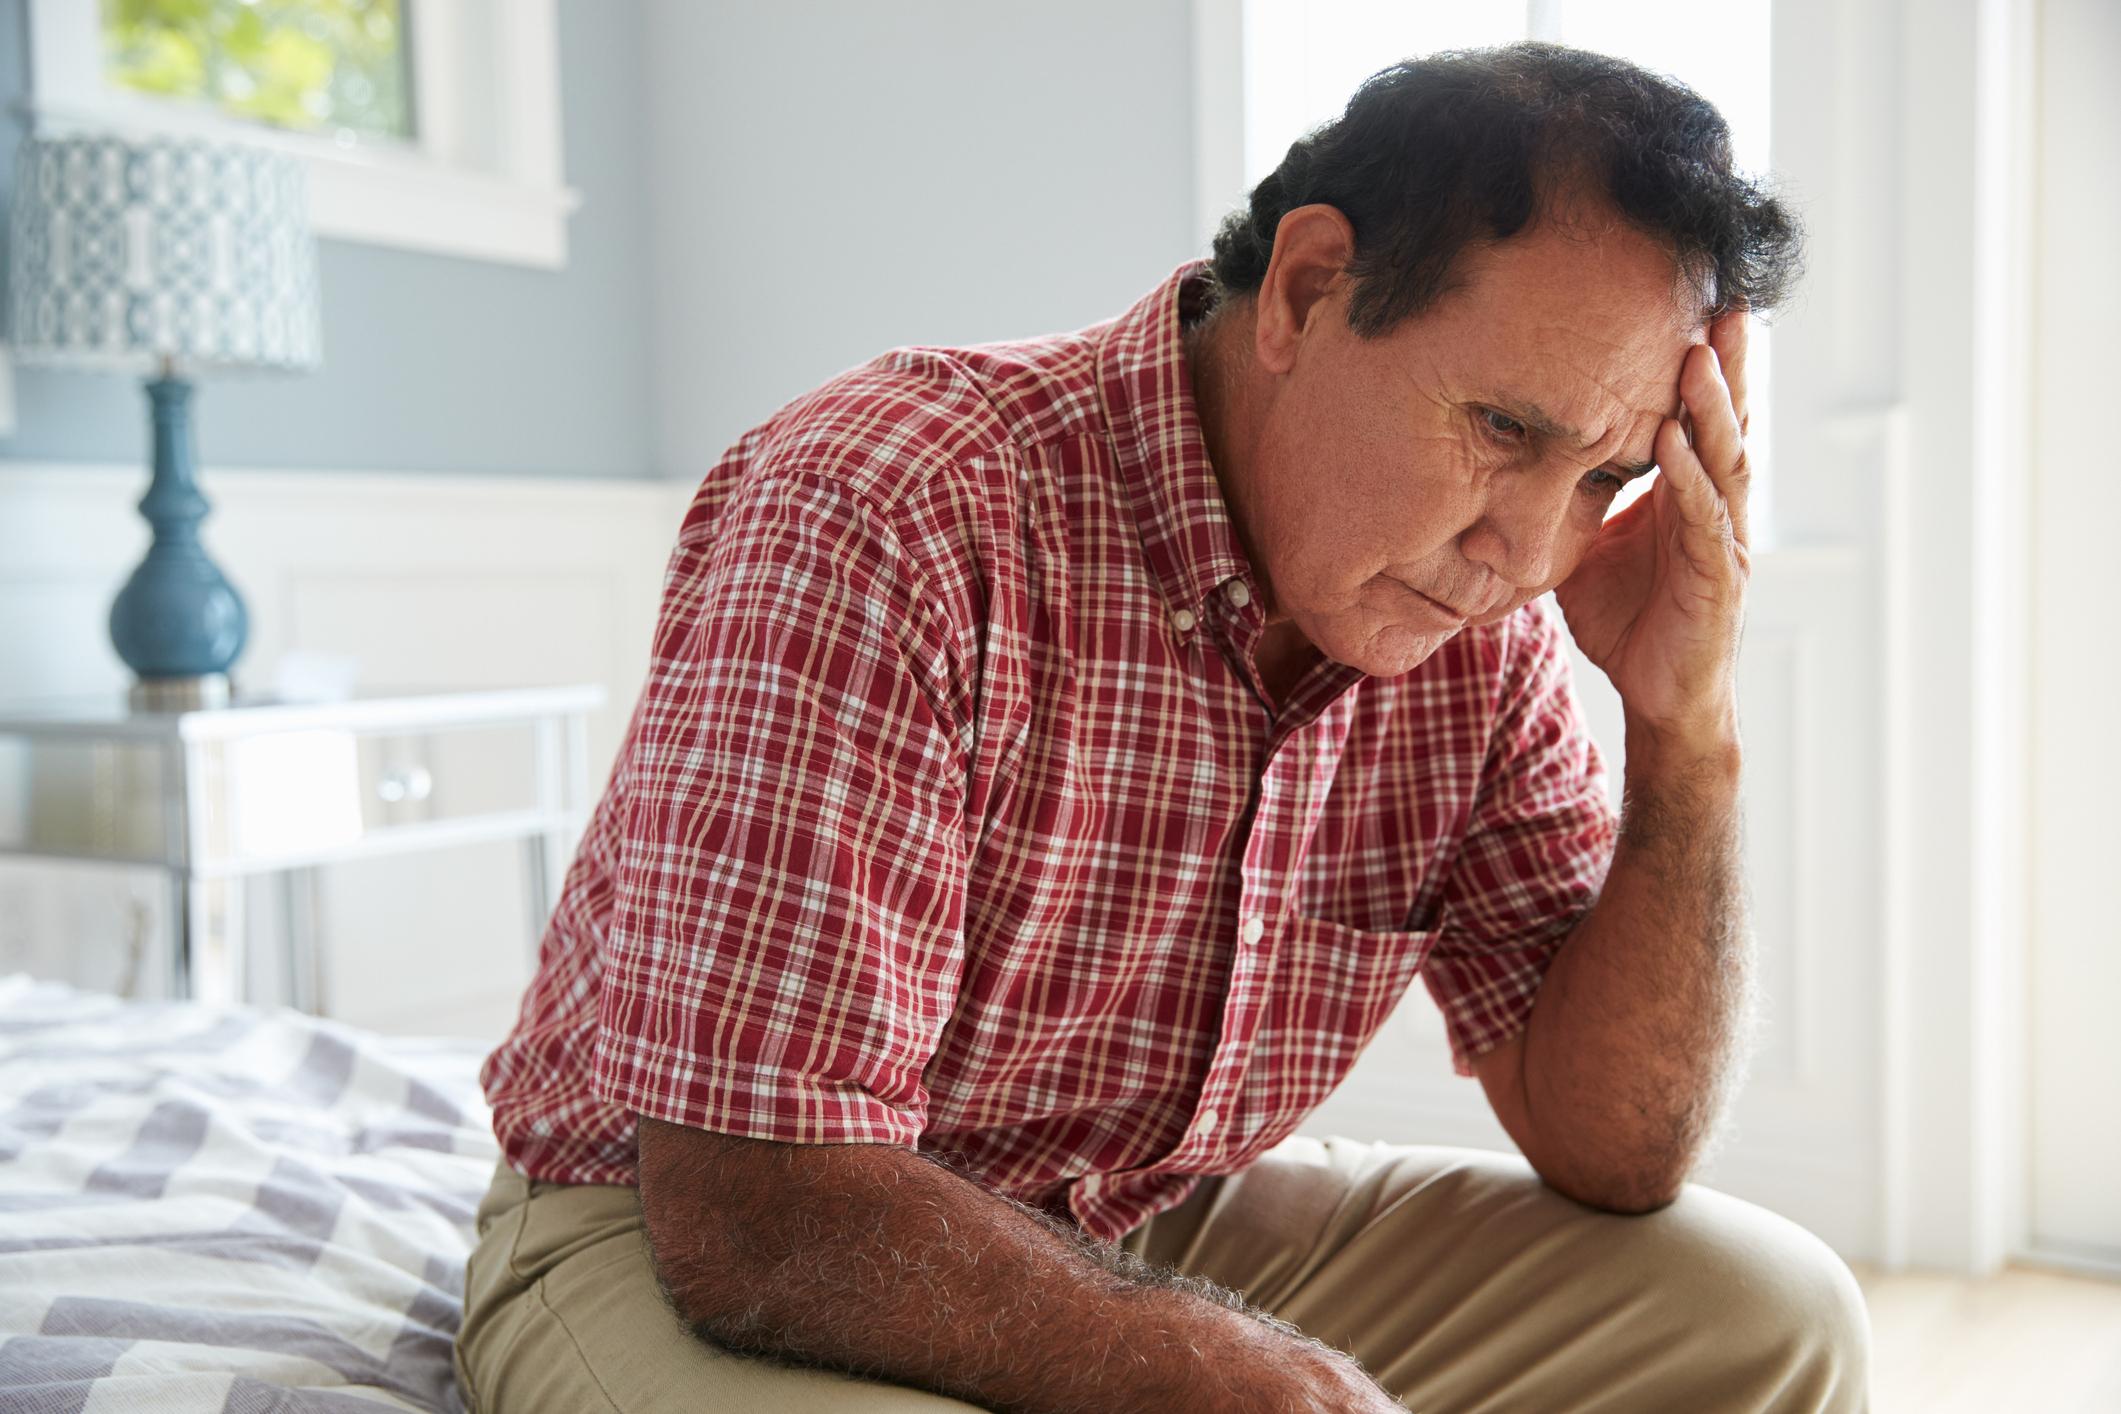 Doença considerada muito comum no Brasil e que acomete mais a população idosa, o Mal de Alzheimer afeta 1,2 milhões de brasileiros.